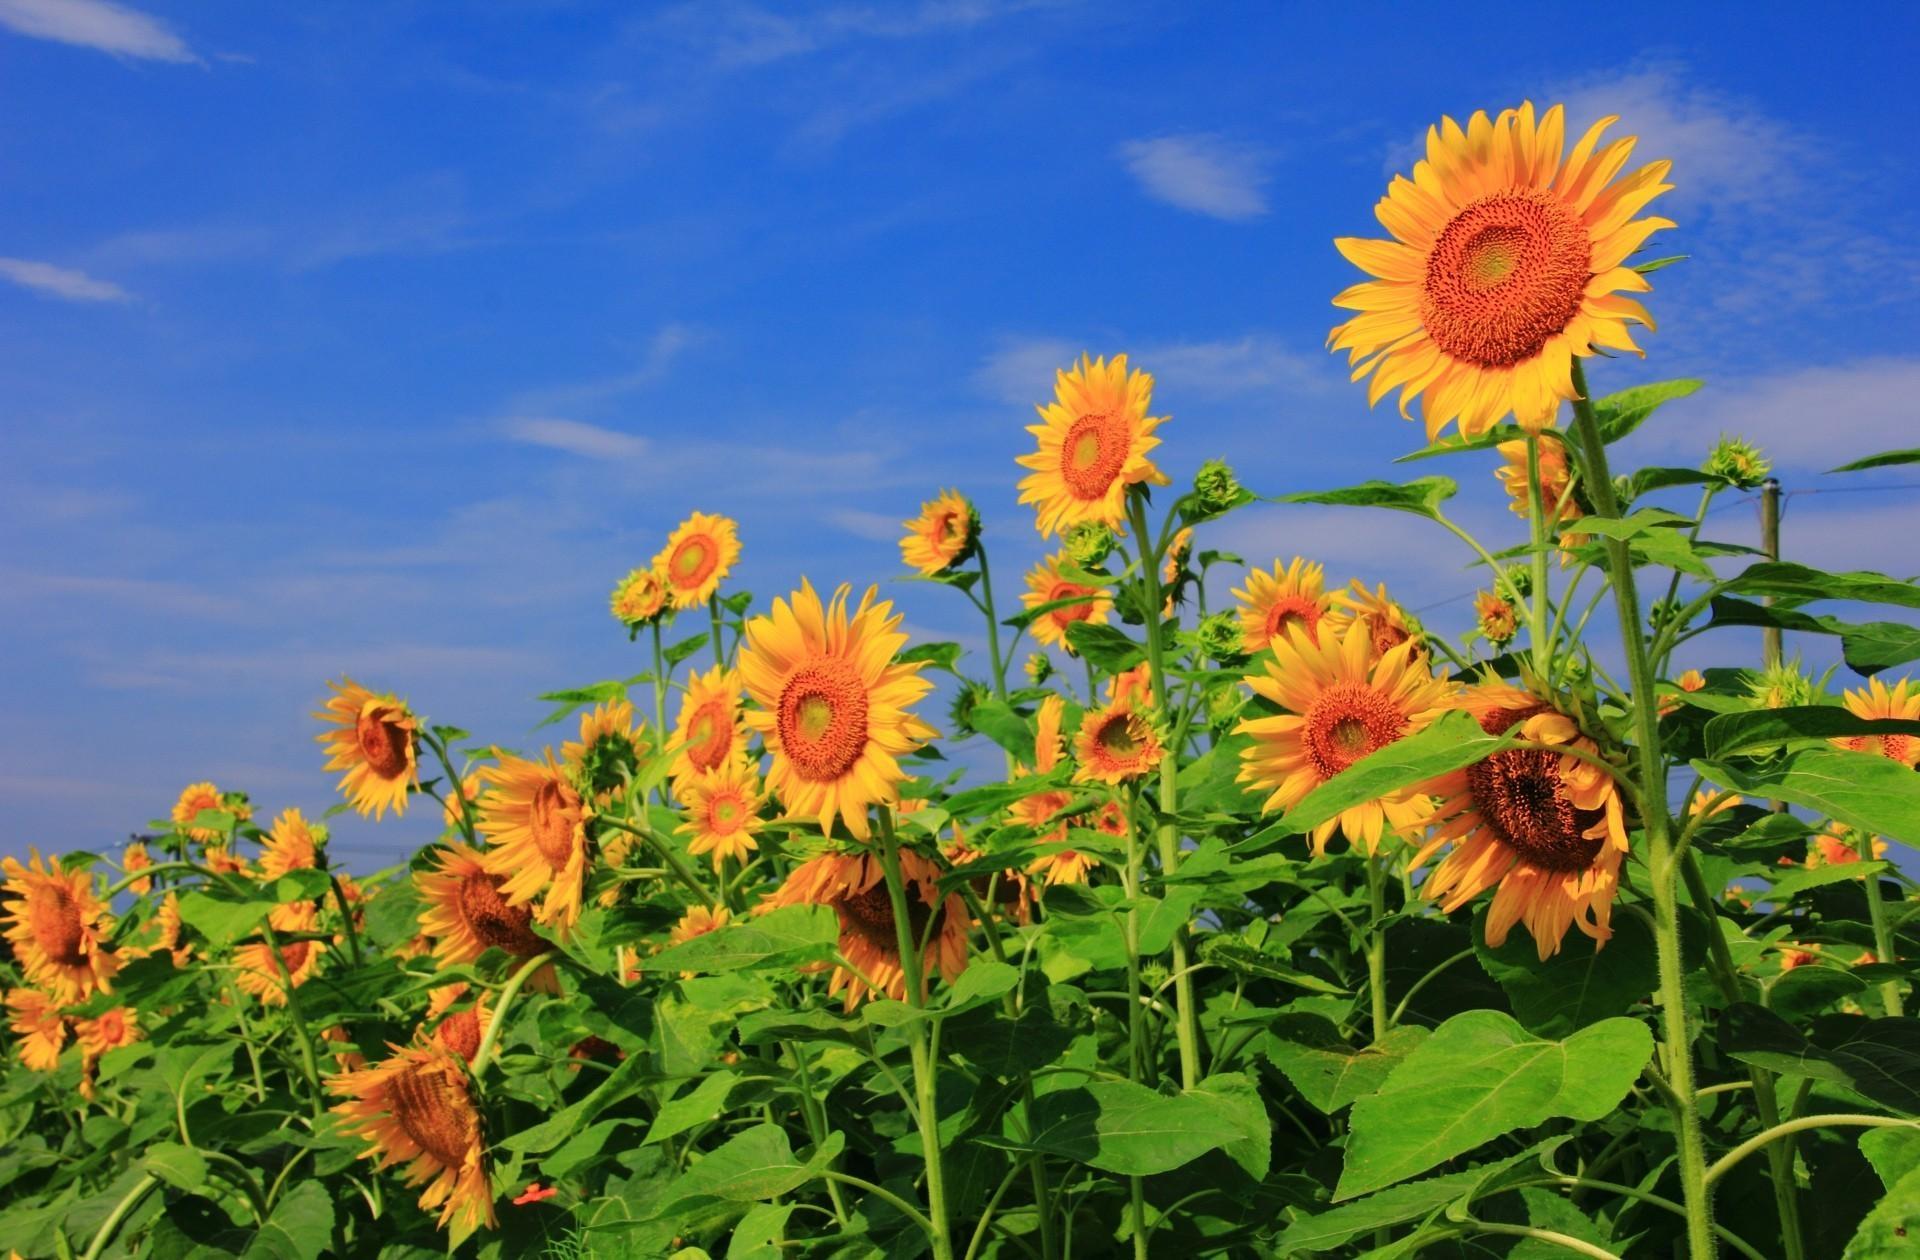 147070 Hintergrundbild herunterladen Sonnenblumen, Blumen, Sky, Sommer, Grüne, Grünen, Feld - Bildschirmschoner und Bilder kostenlos